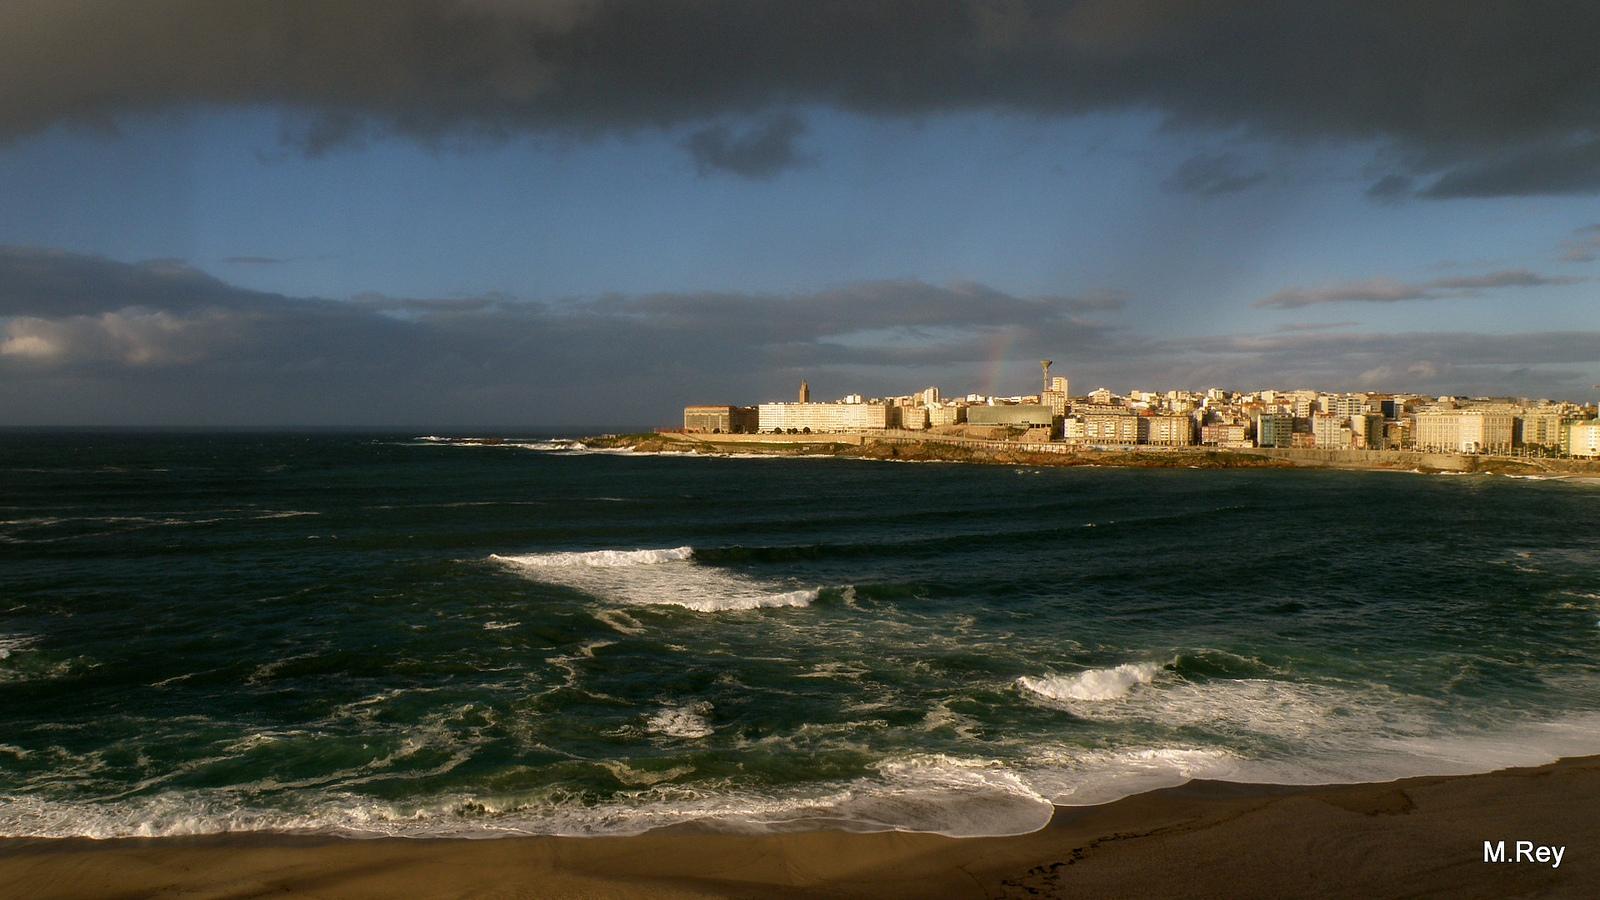 А-Корунья, Испания: лучшие достопримечательности, места для отдыха, хорошие рестораны